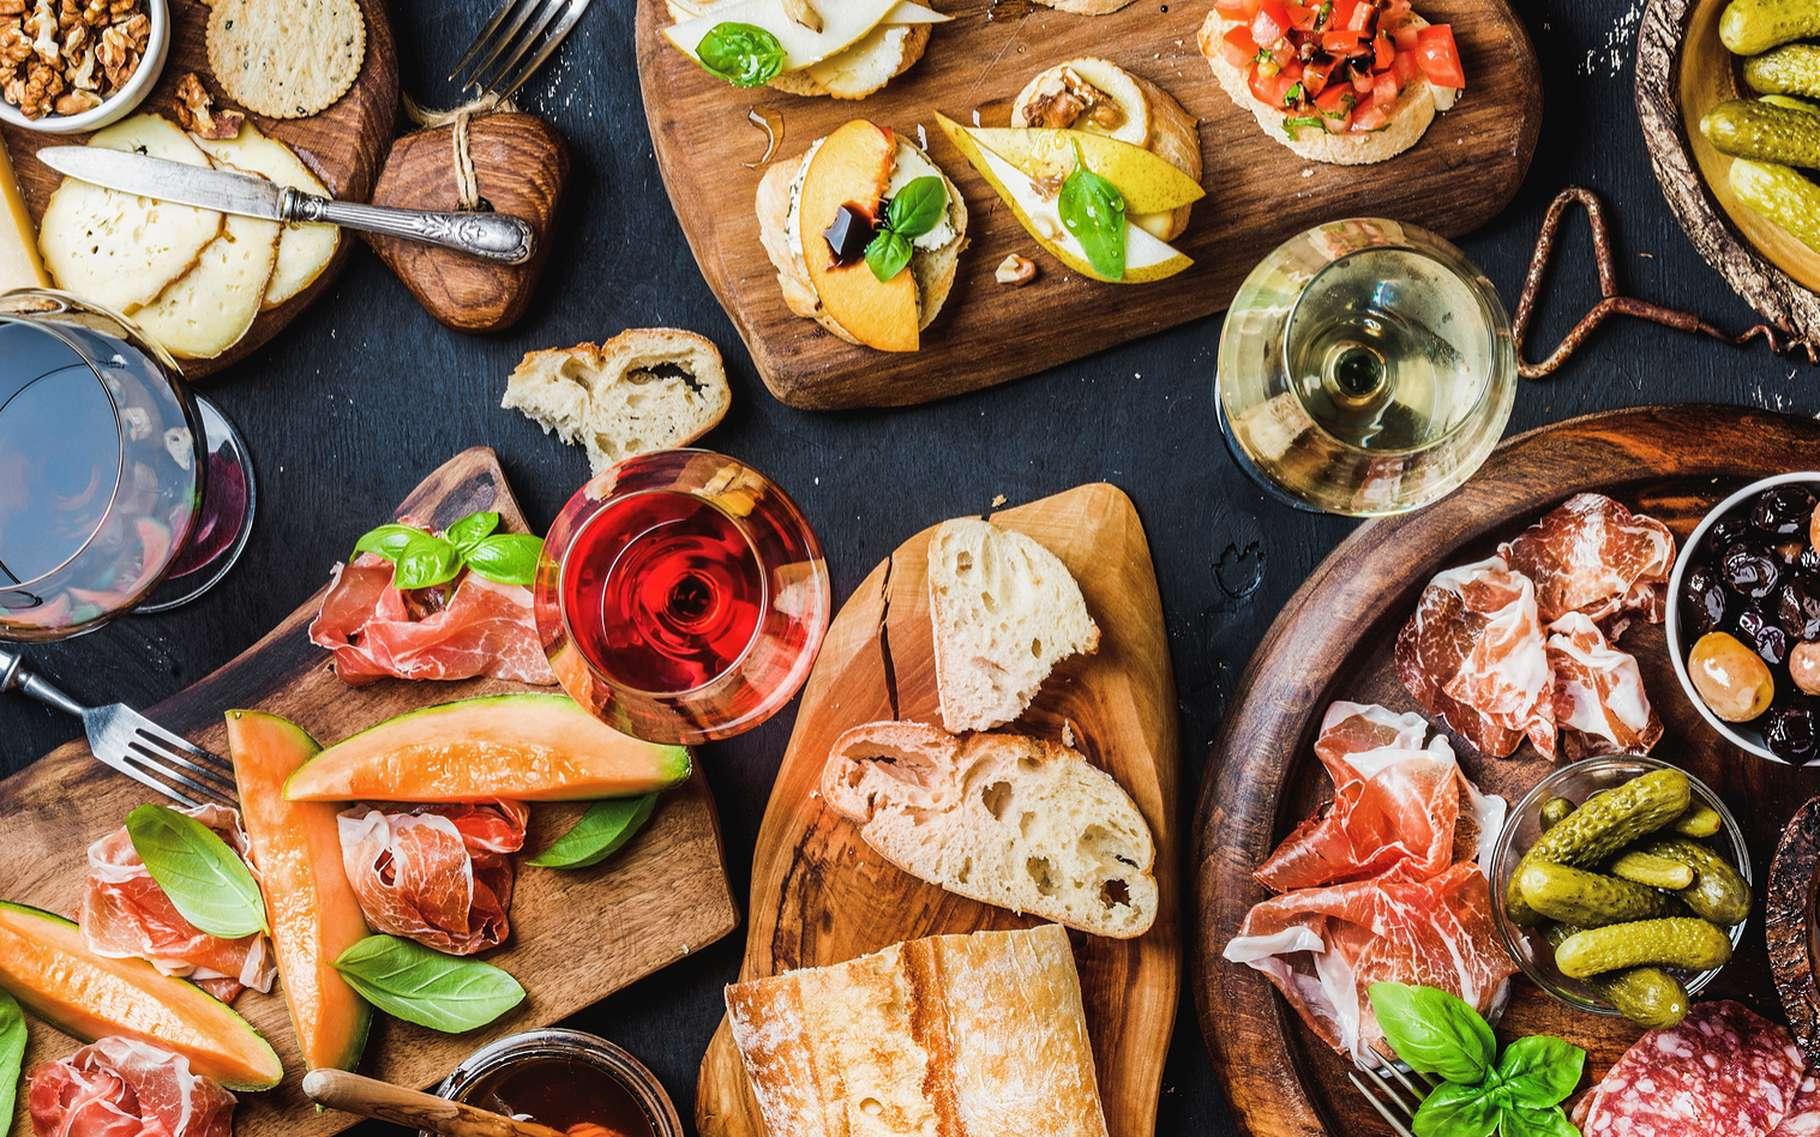 En 2016, la Semaine du goût met à l'honneur les liens entre alimentation, goût et santé. L'occasion de renouer avec une alimentation saine et équilibrée. © Foxys Forest Manufacture, Shutterstock